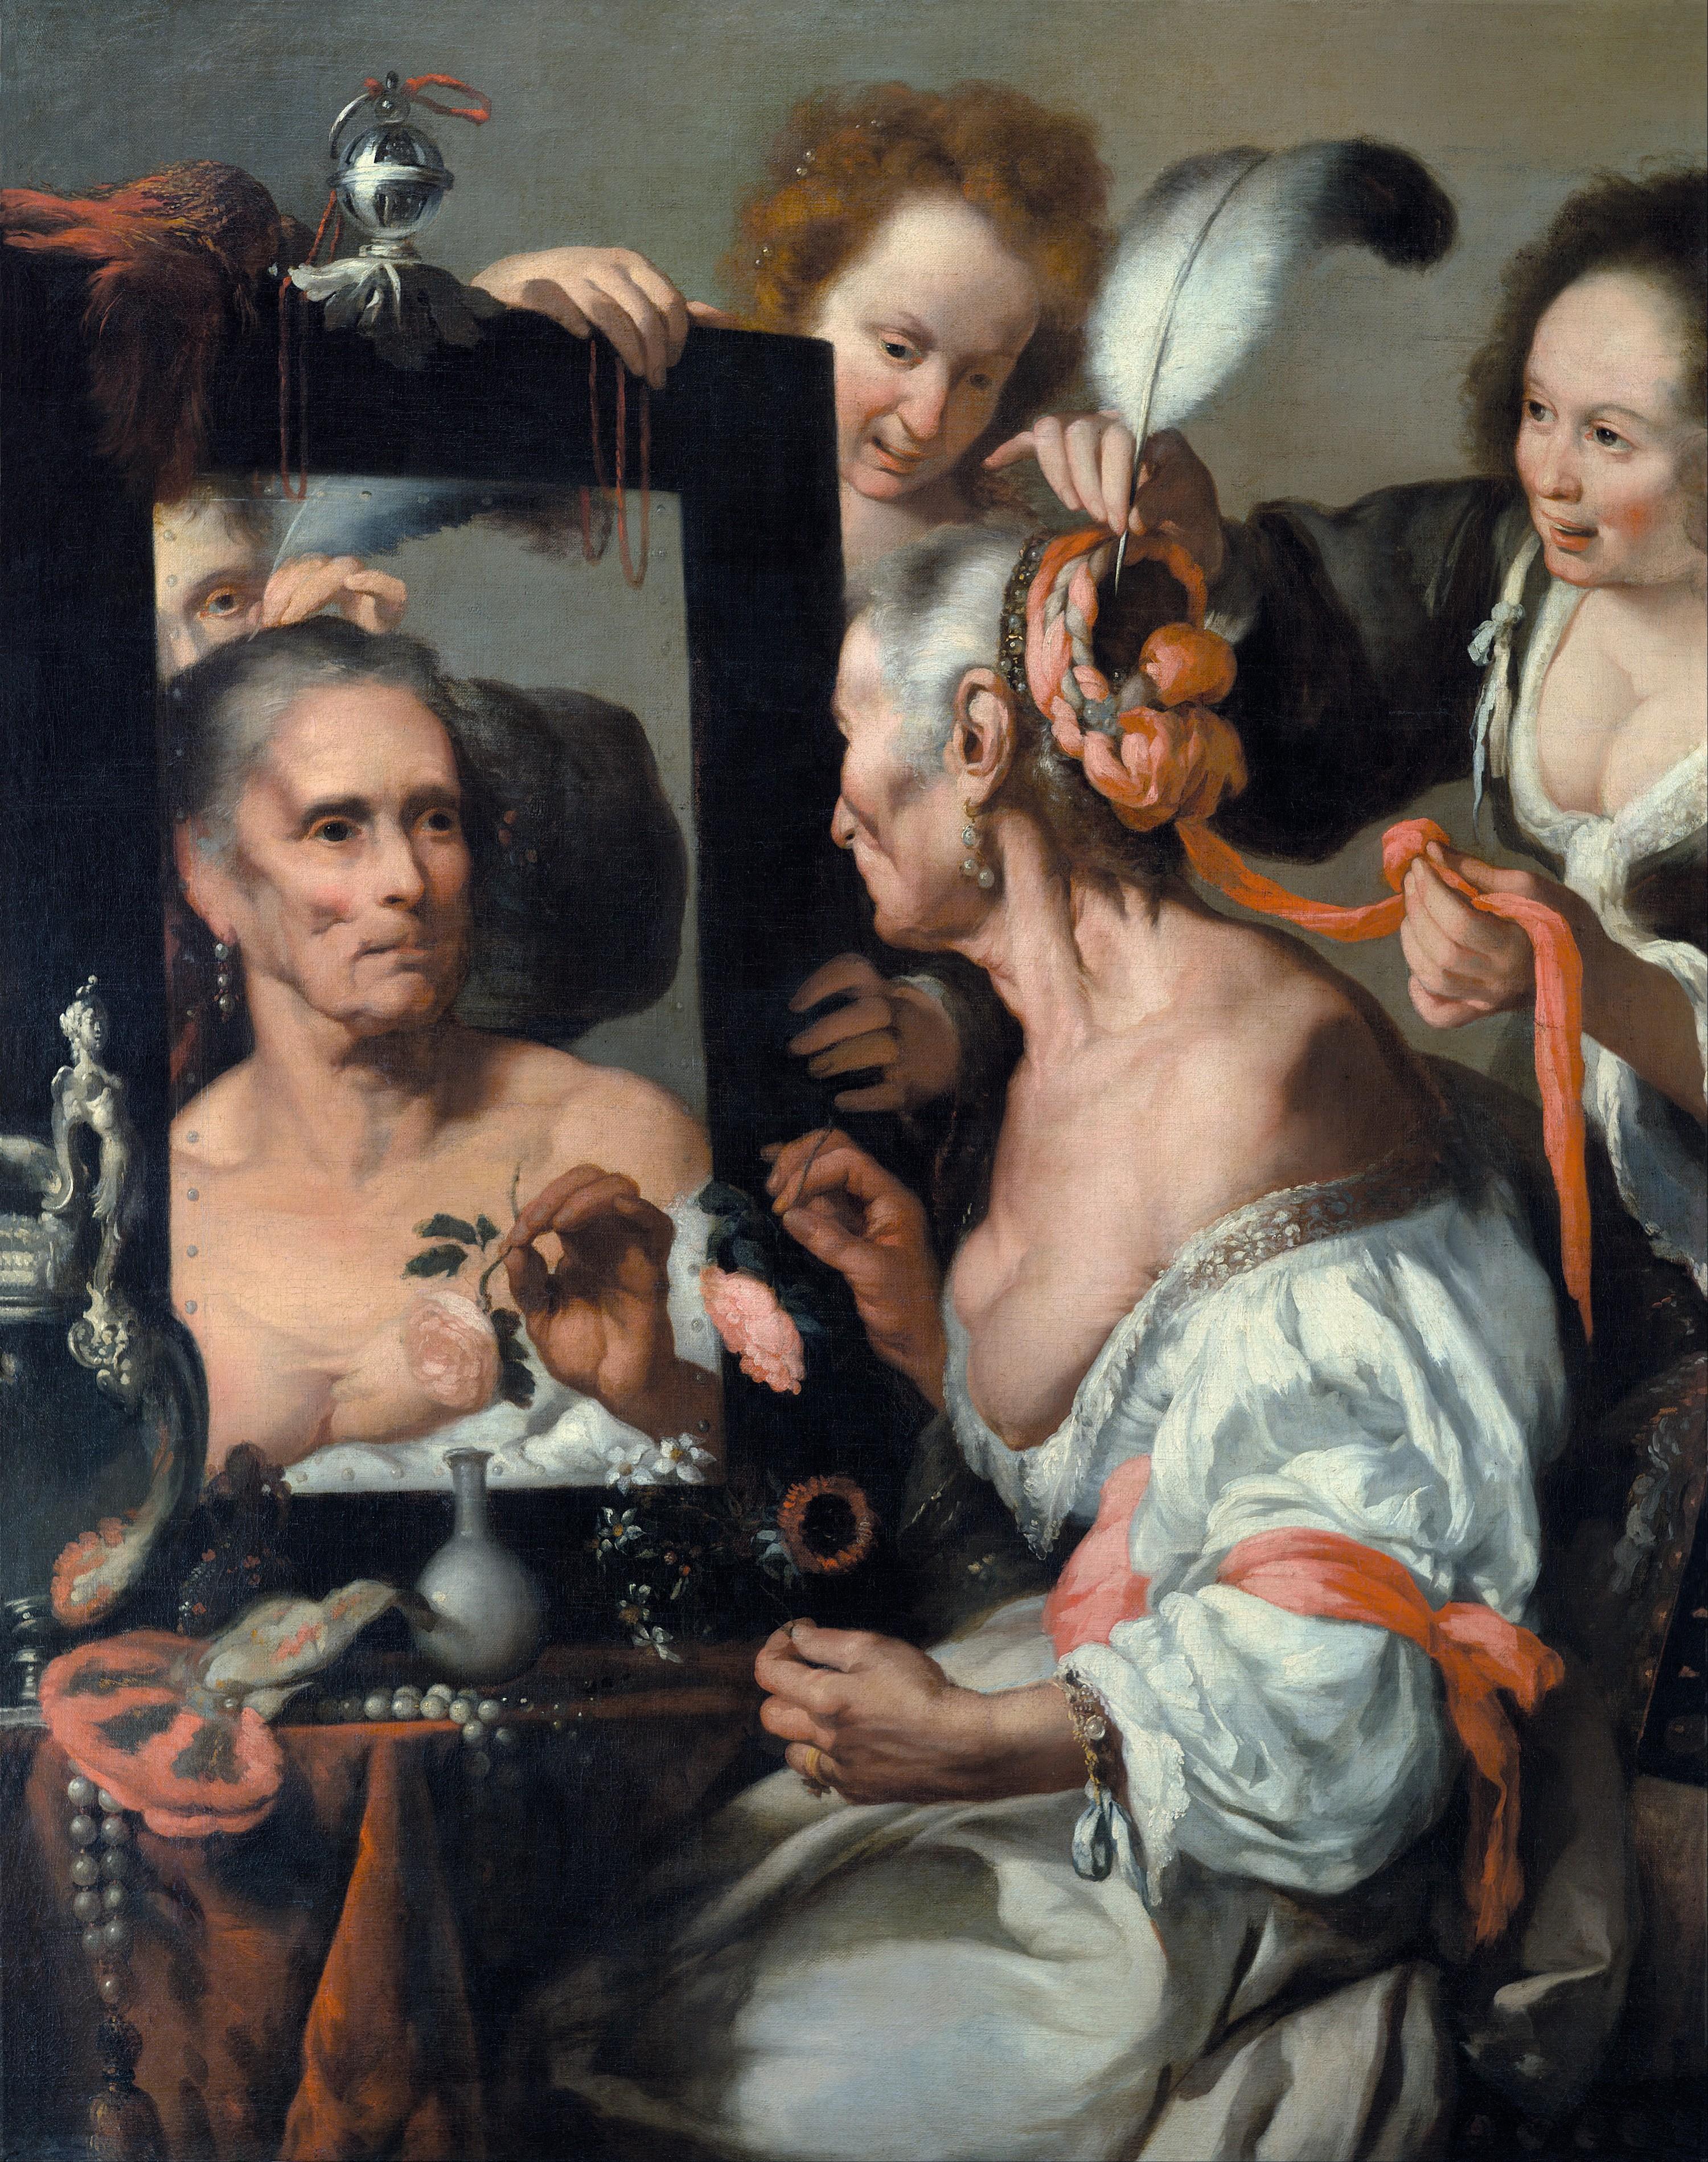 Bernardo Strozzi, Allégorie de la Vanité ou Vieille coquette, vers 1637, musée Pouchkine, Moscou.